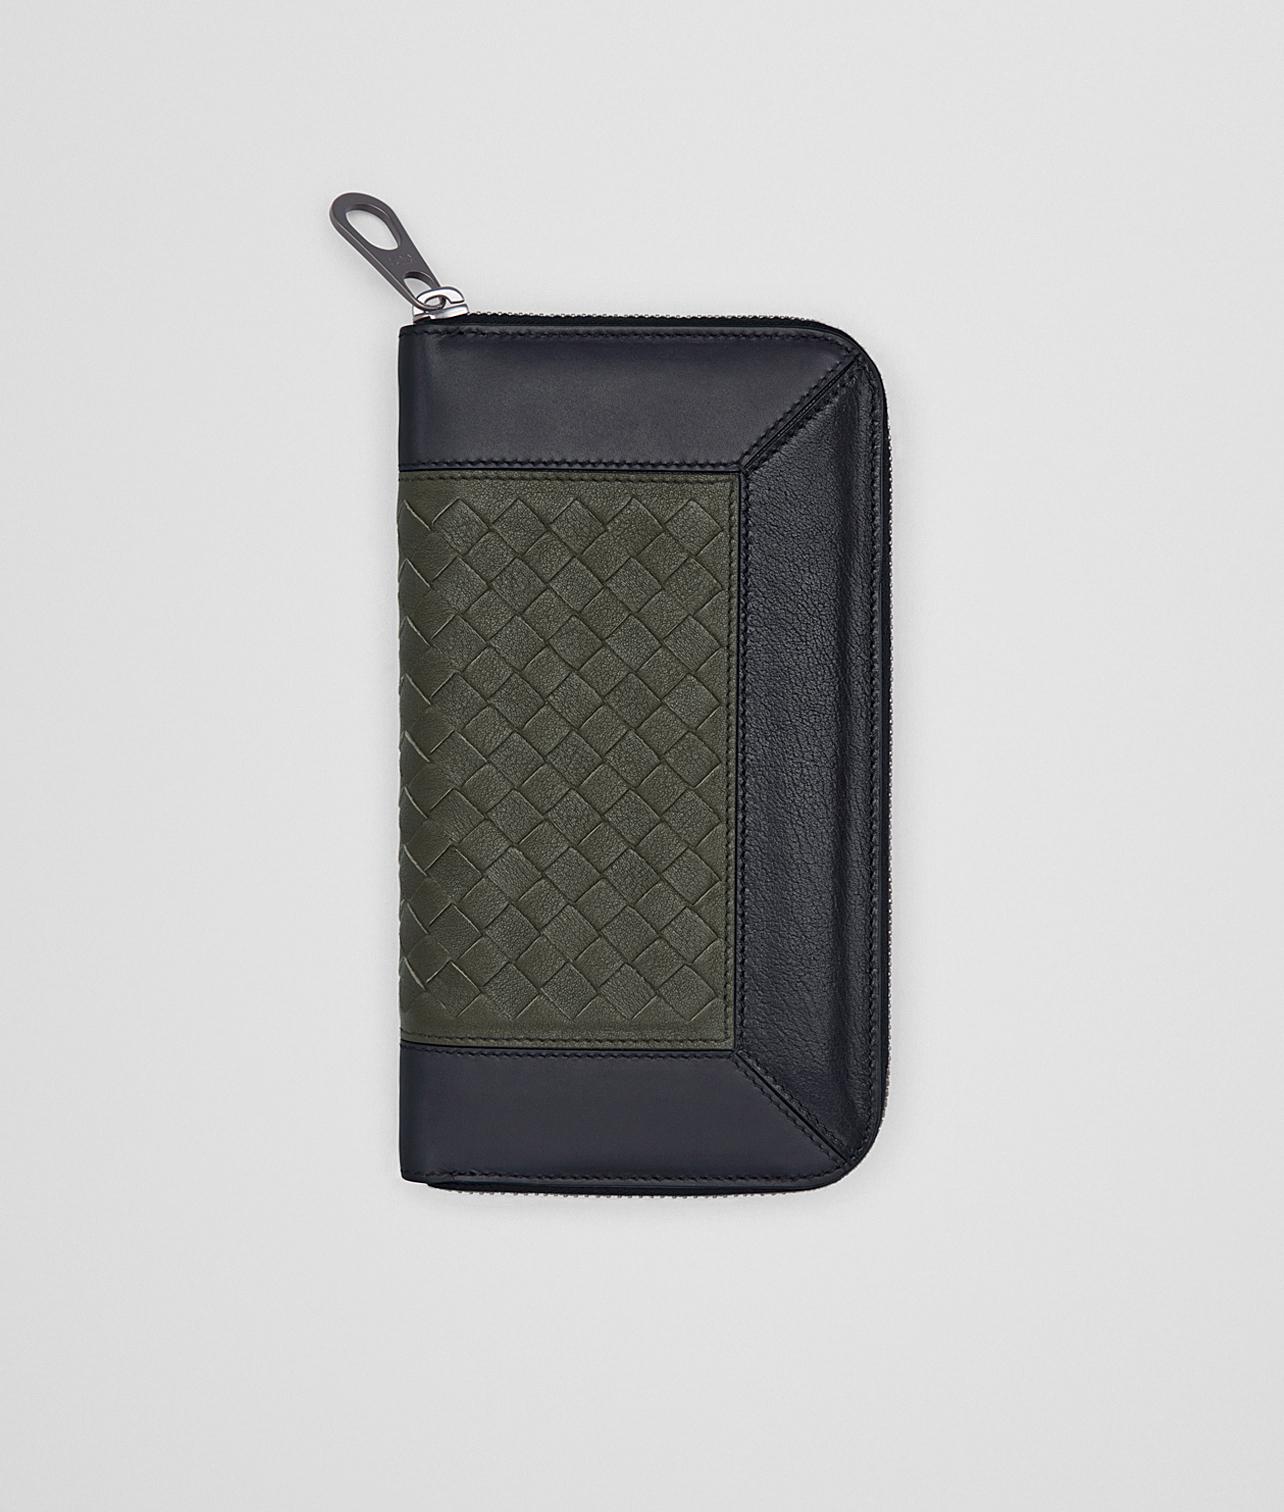 【イントレチャート ジップアラウンドウォレット】パッチワークデザインのクラシカルな編み込み財布